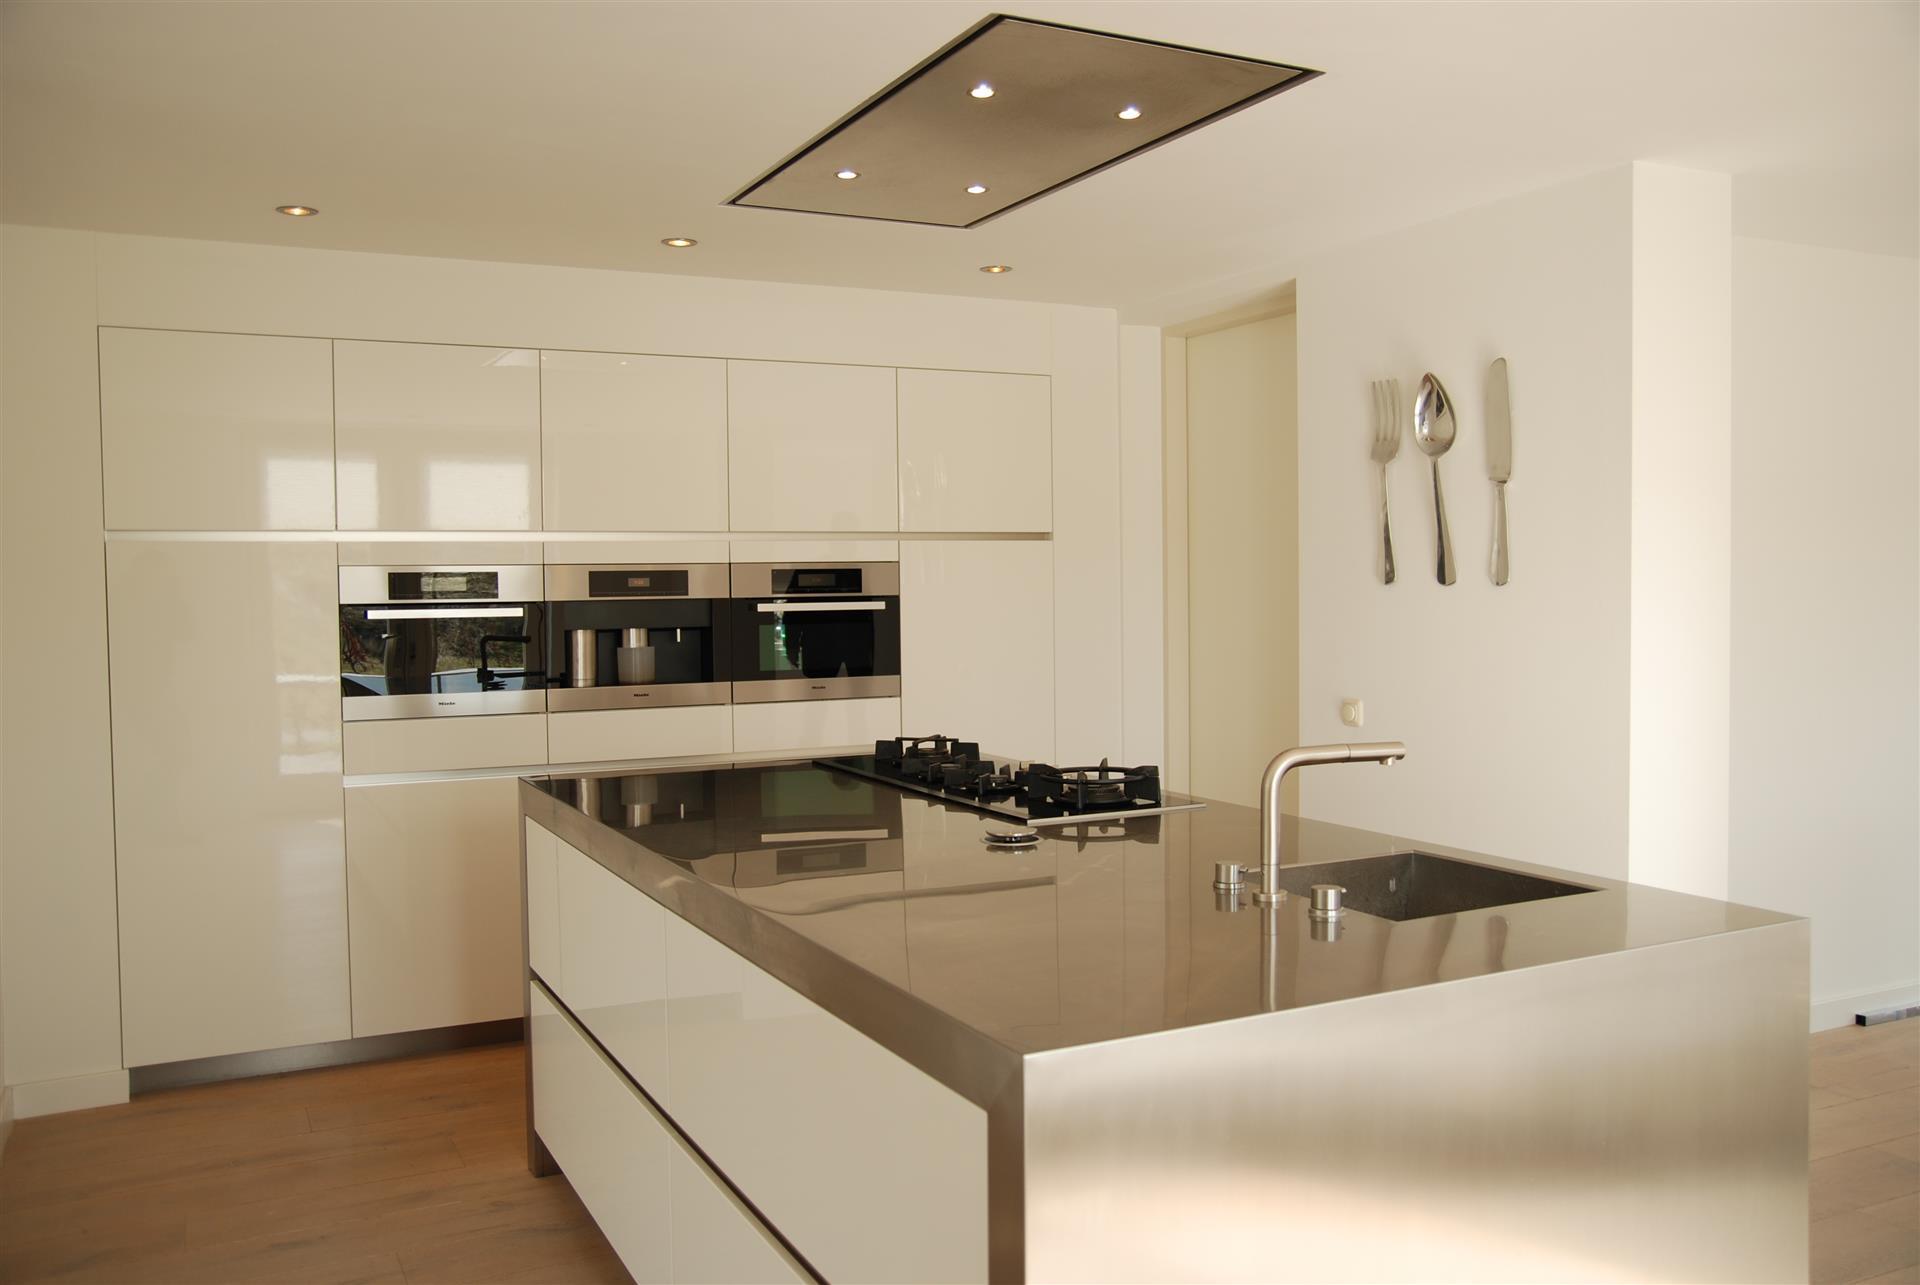 Muur ontwerp woonkamer blauwe bank - Bar design keuken ...